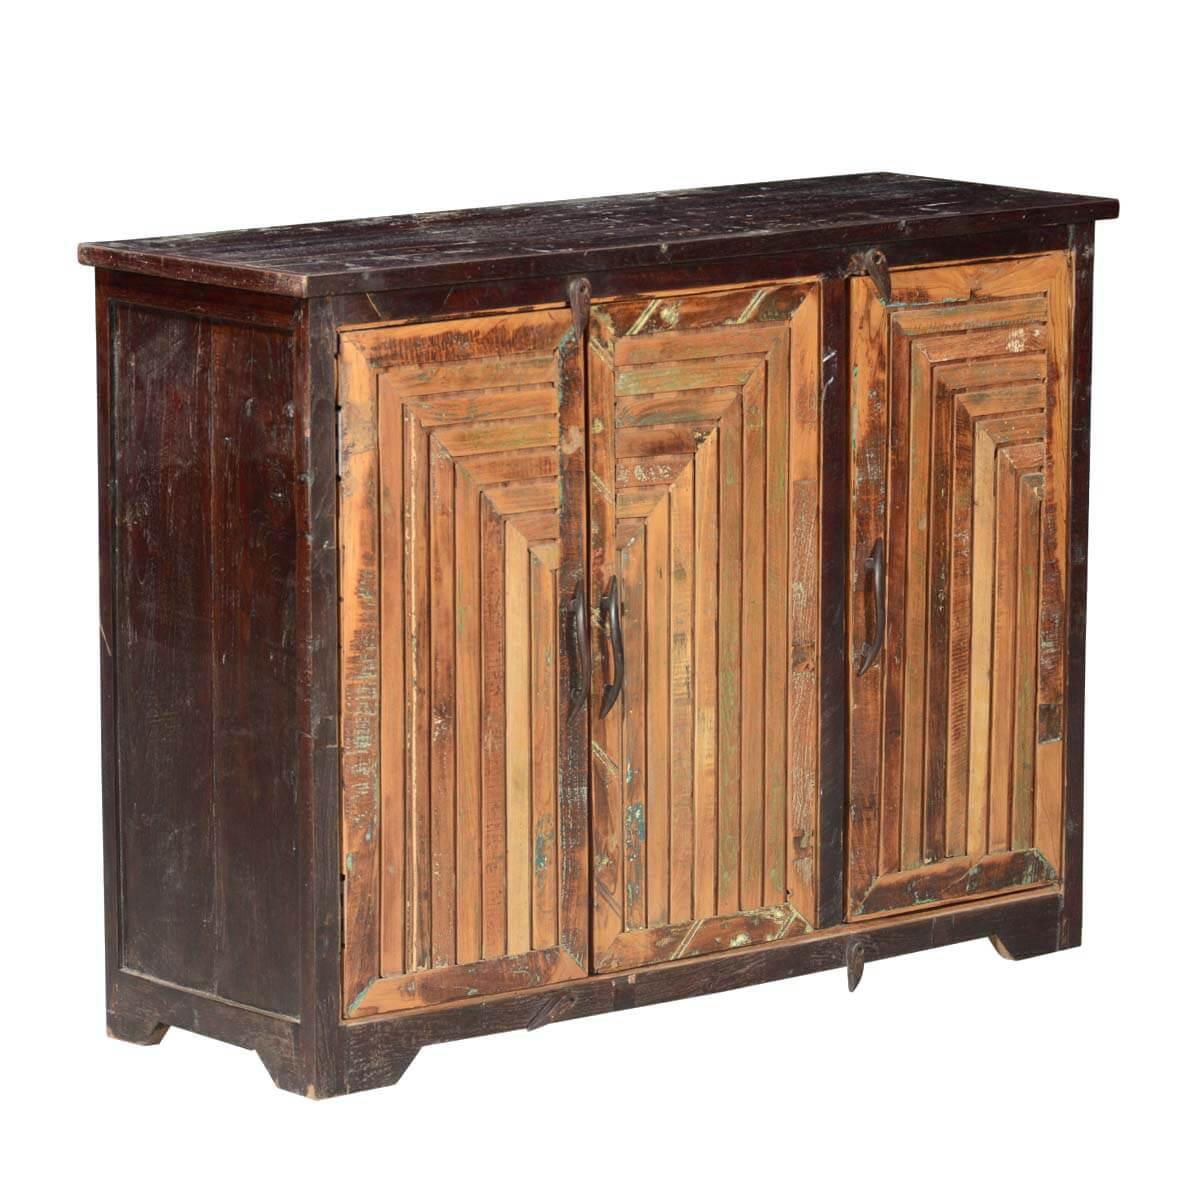 Sunburst reclaimed wood door rustic storage buffet cabinet